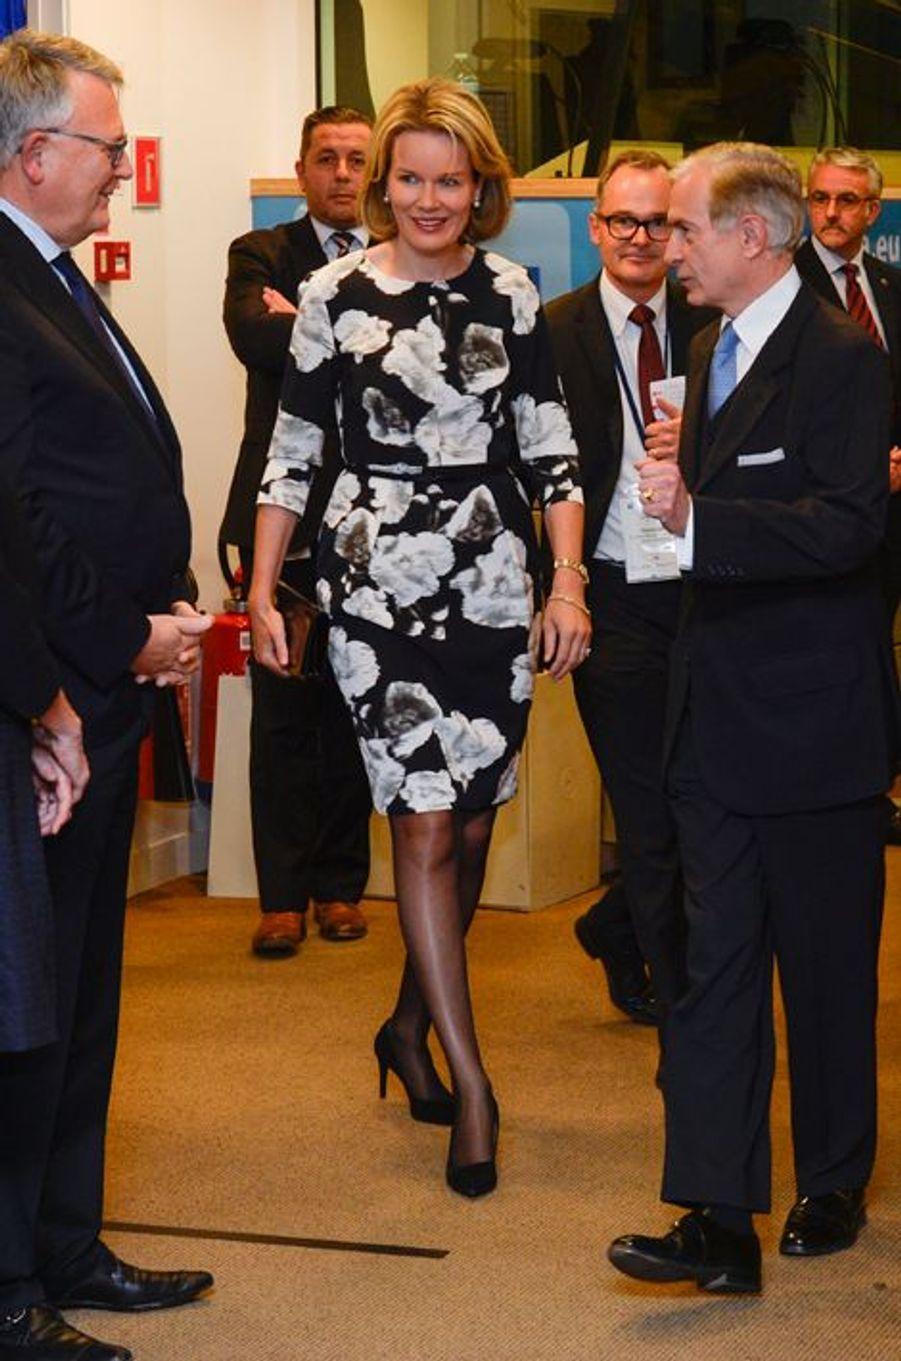 La reine Mathilde de Belgique à Bruxelles, le 19 octobre 2015